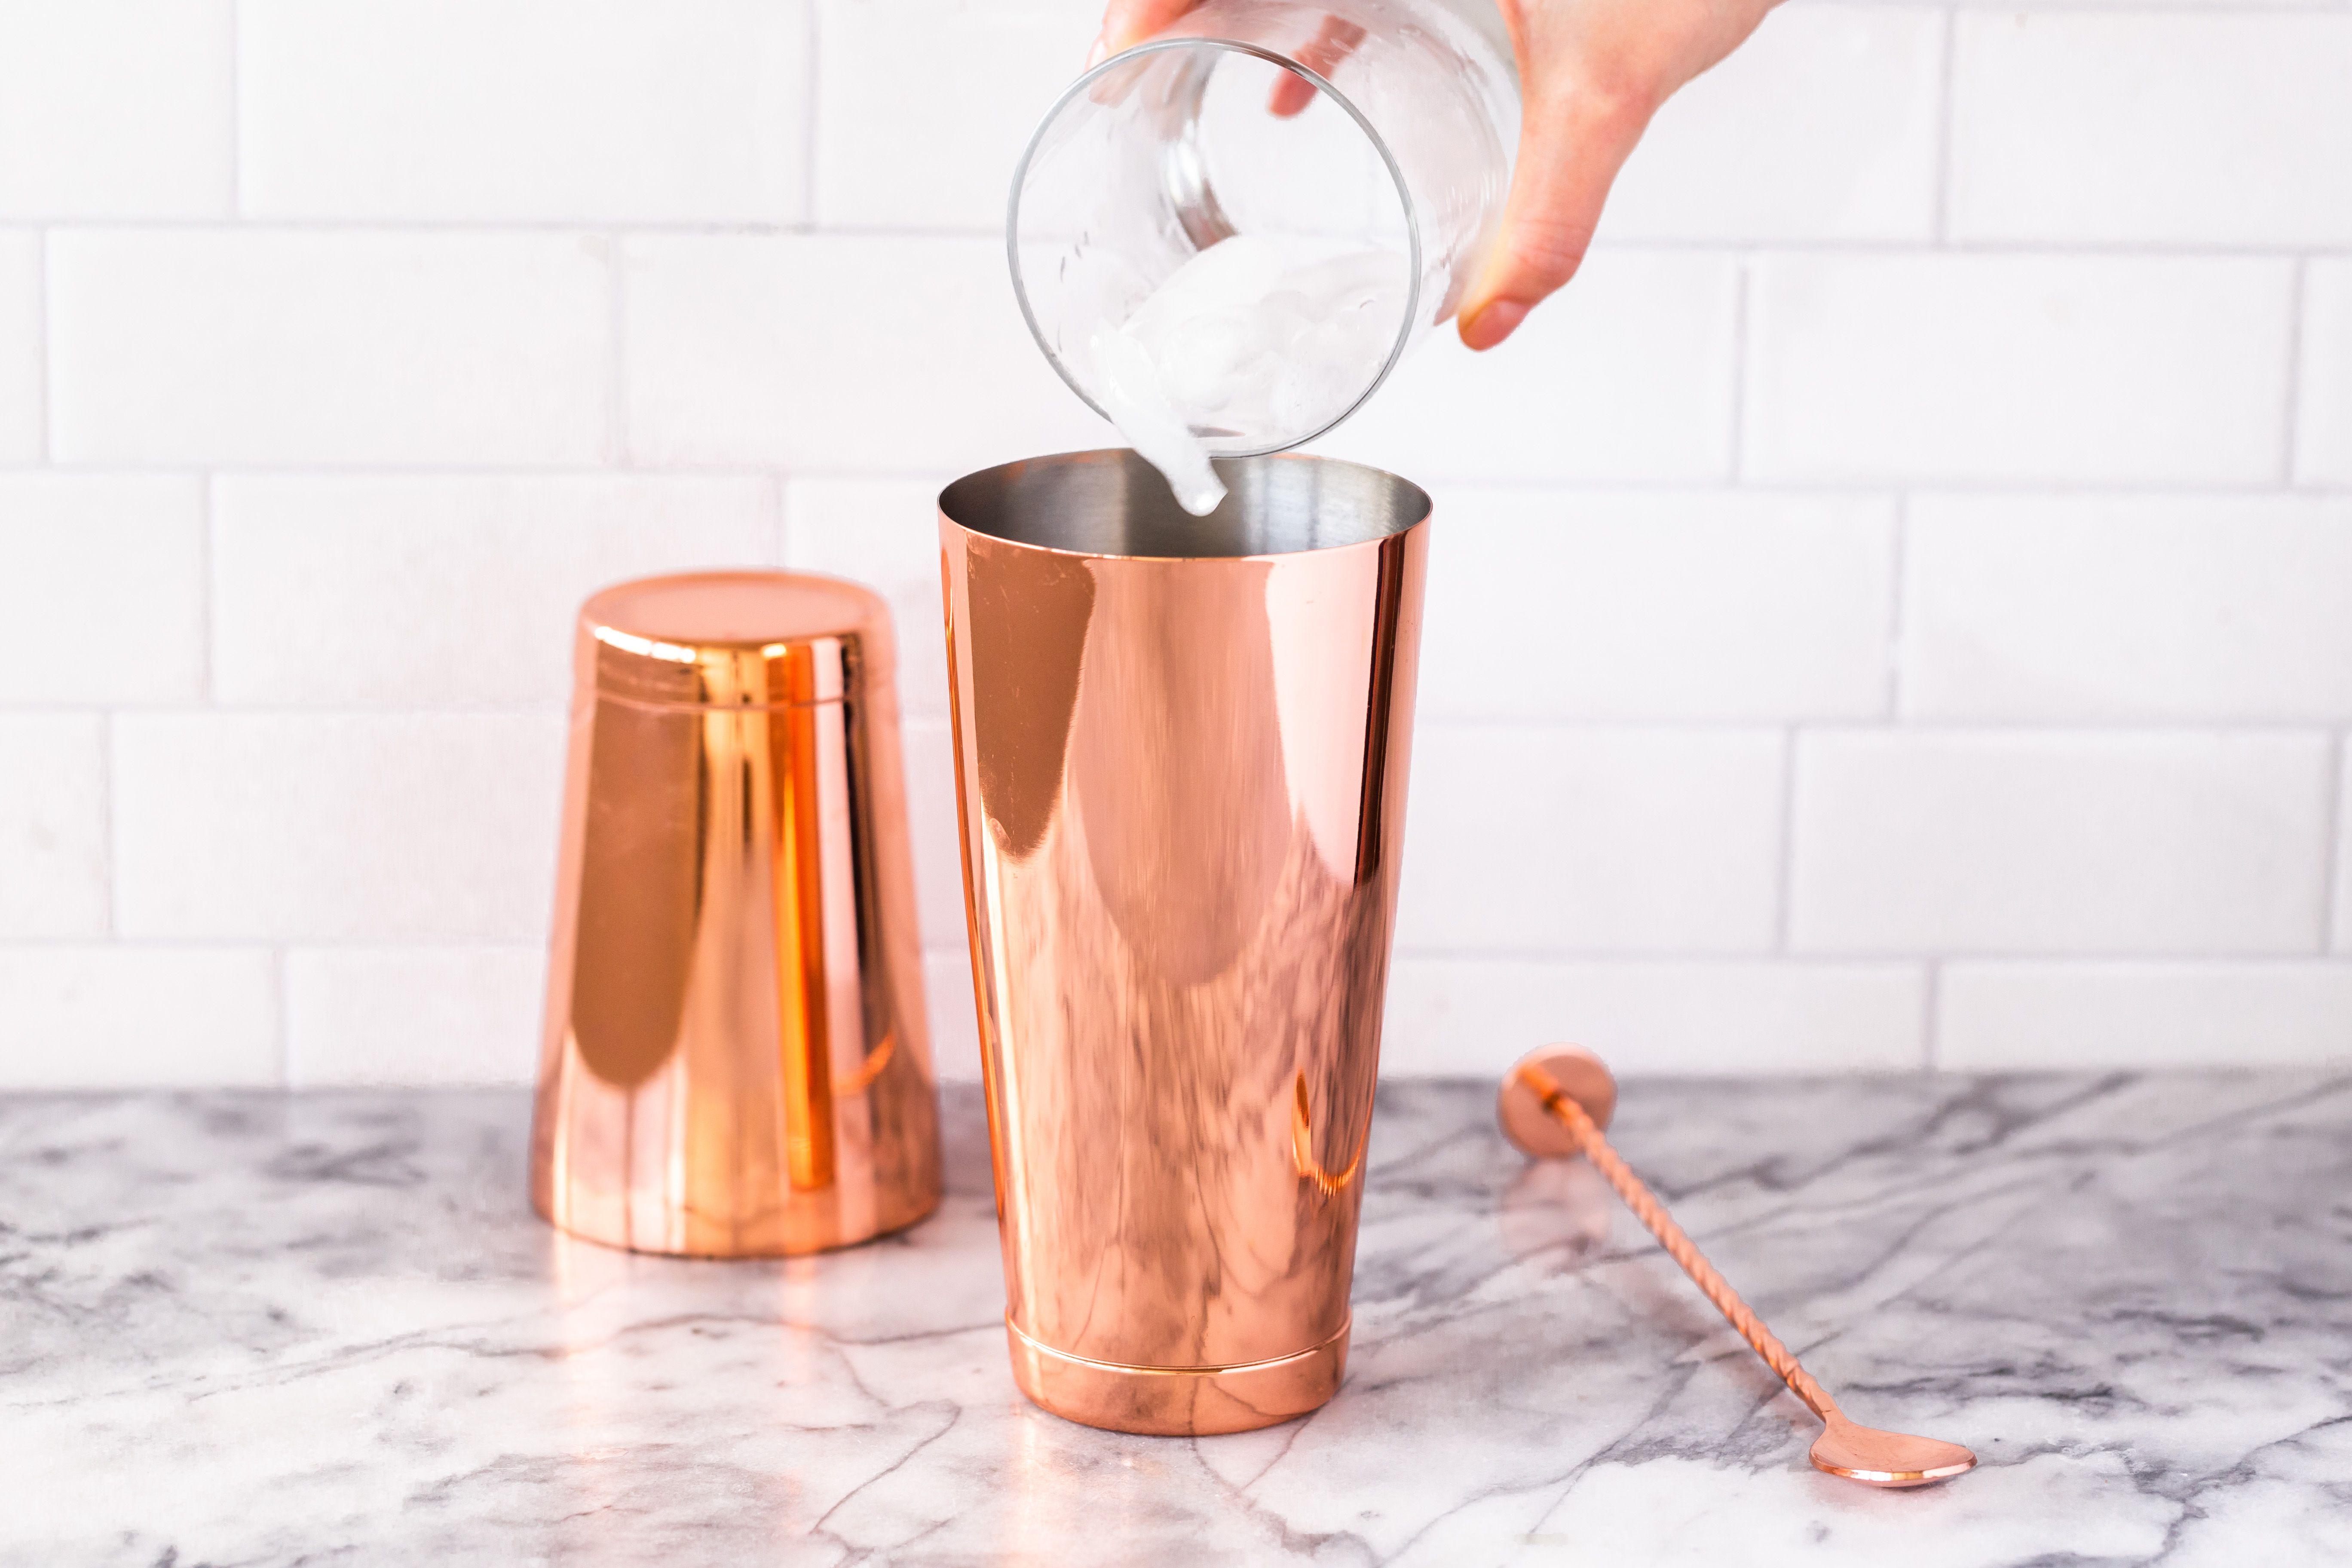 Drink in shaker